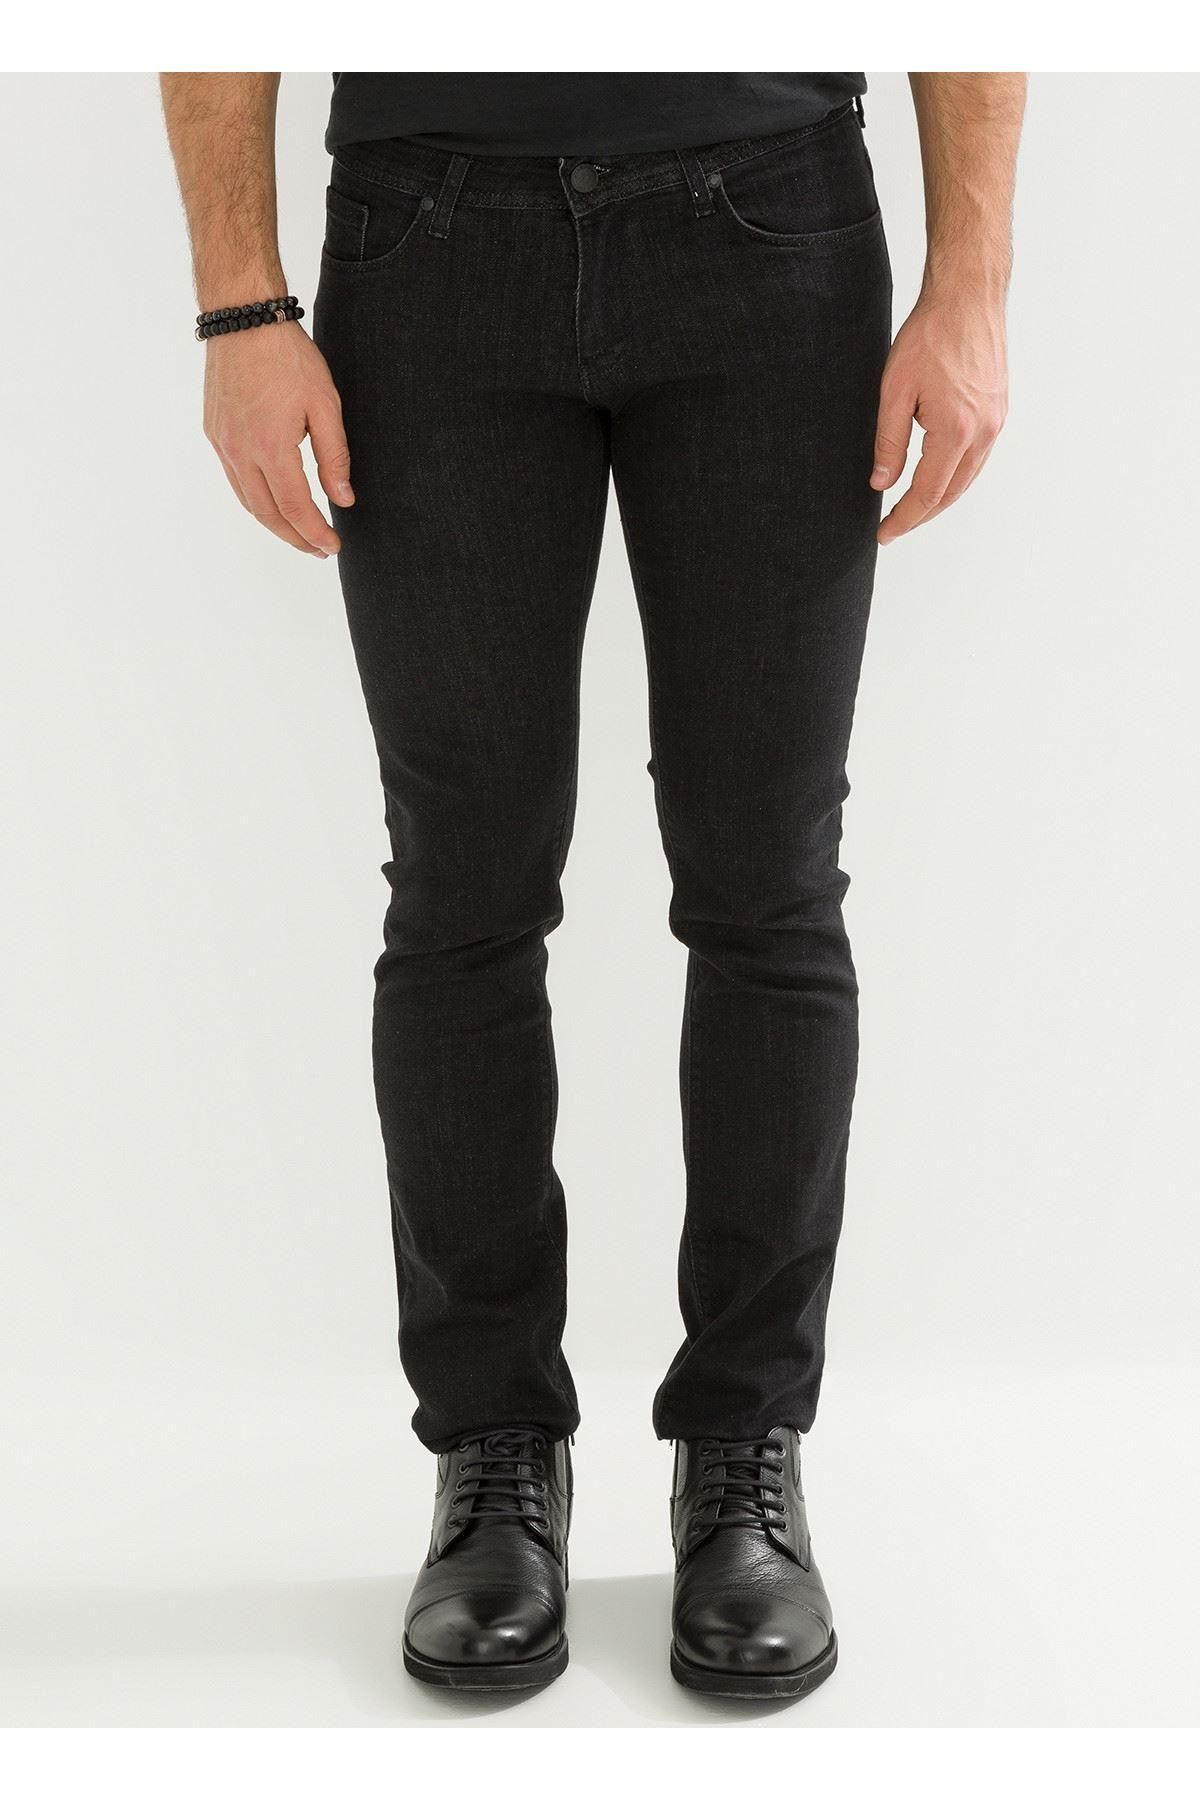 Füme Slim Fİt Erkek Kot Pantolon